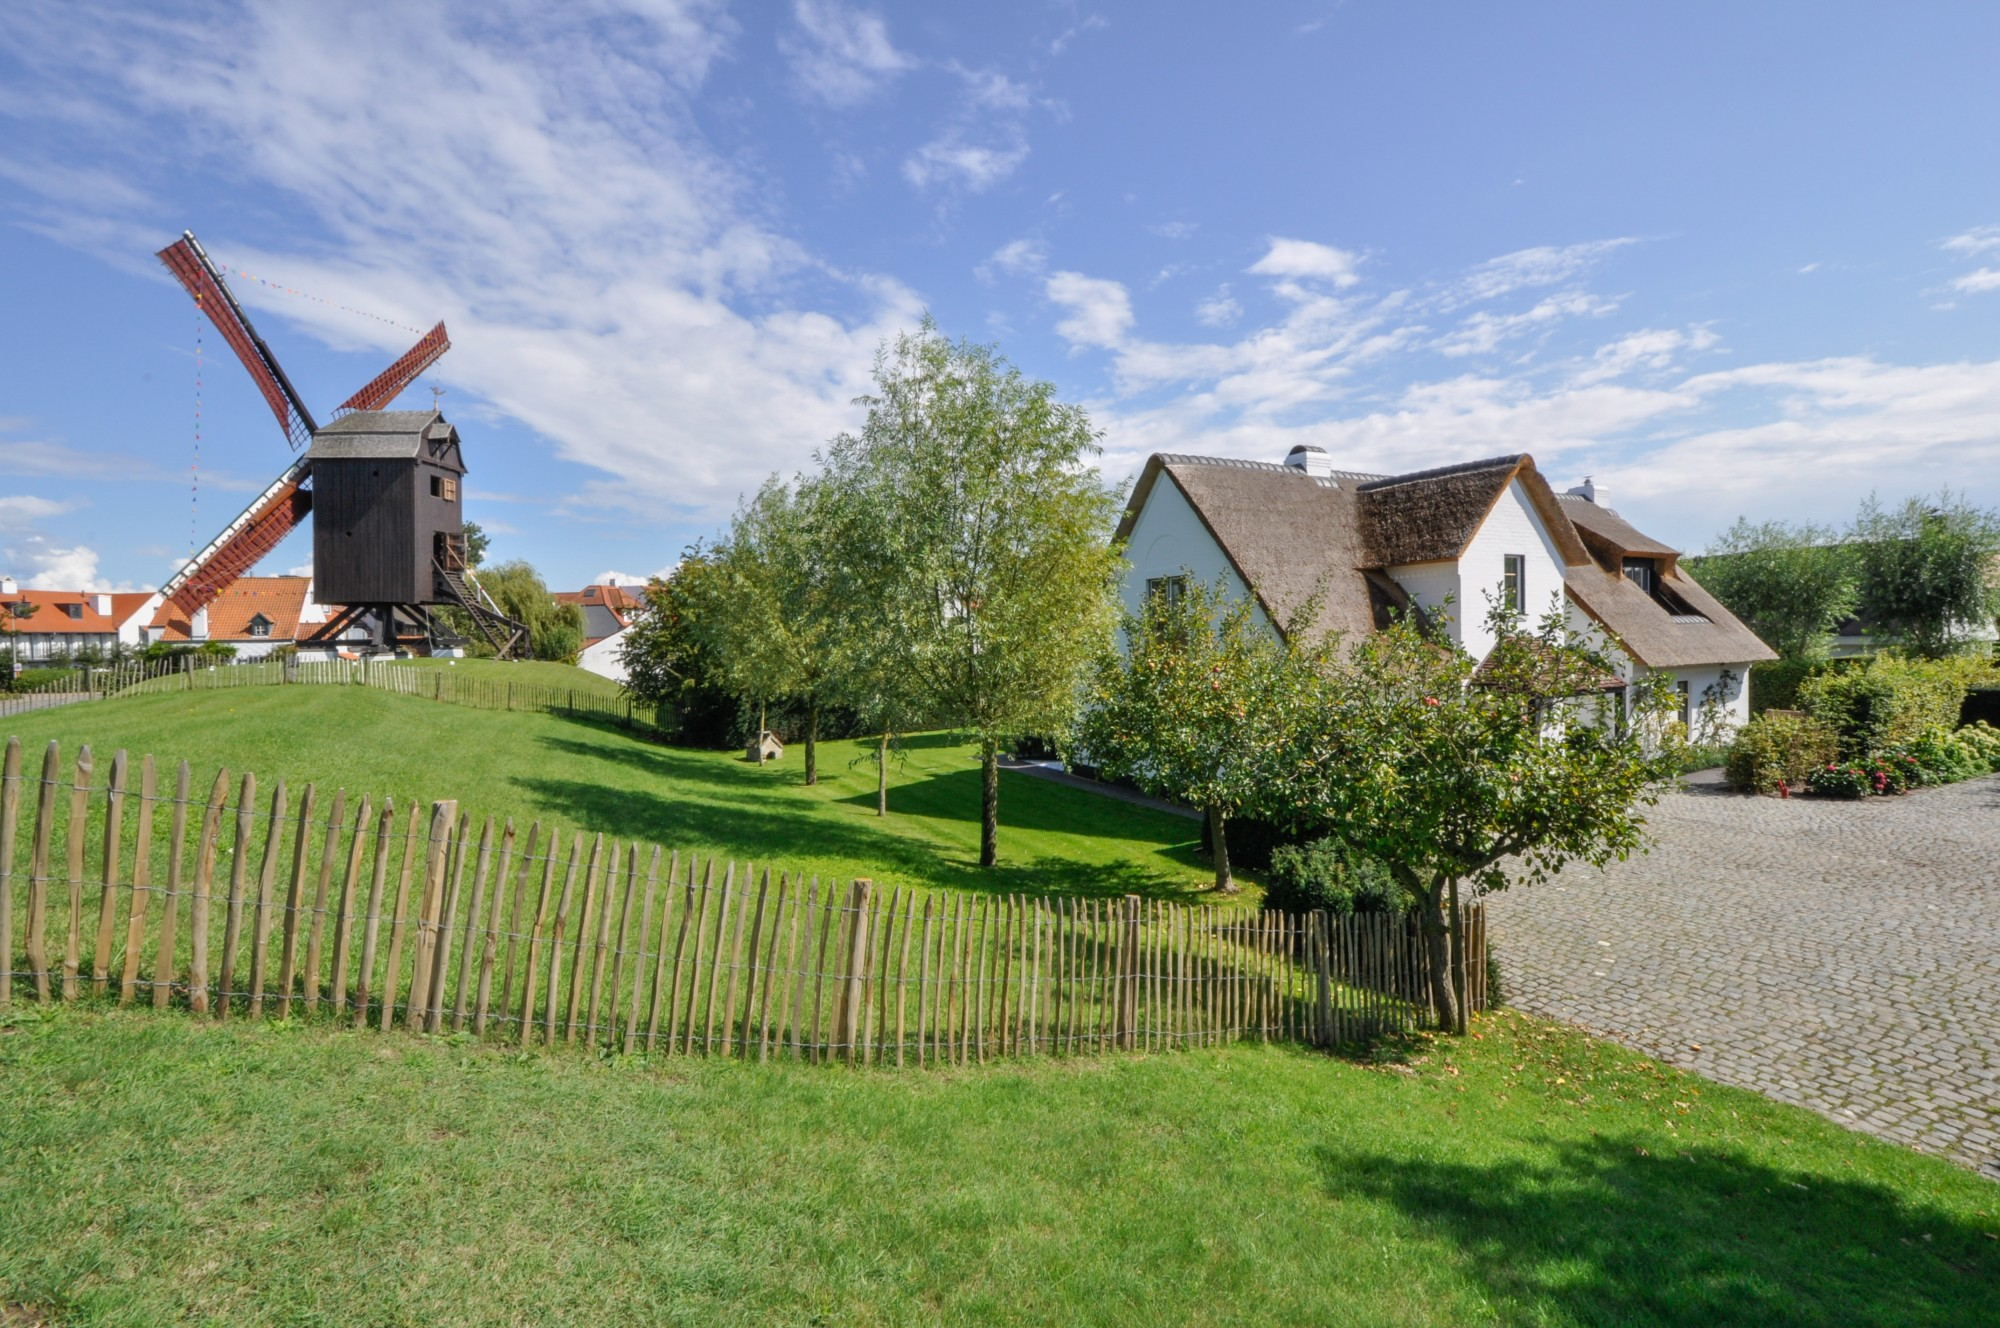 Vente Villa 4 CH Knokke-Zoute - près du Kalfmolen